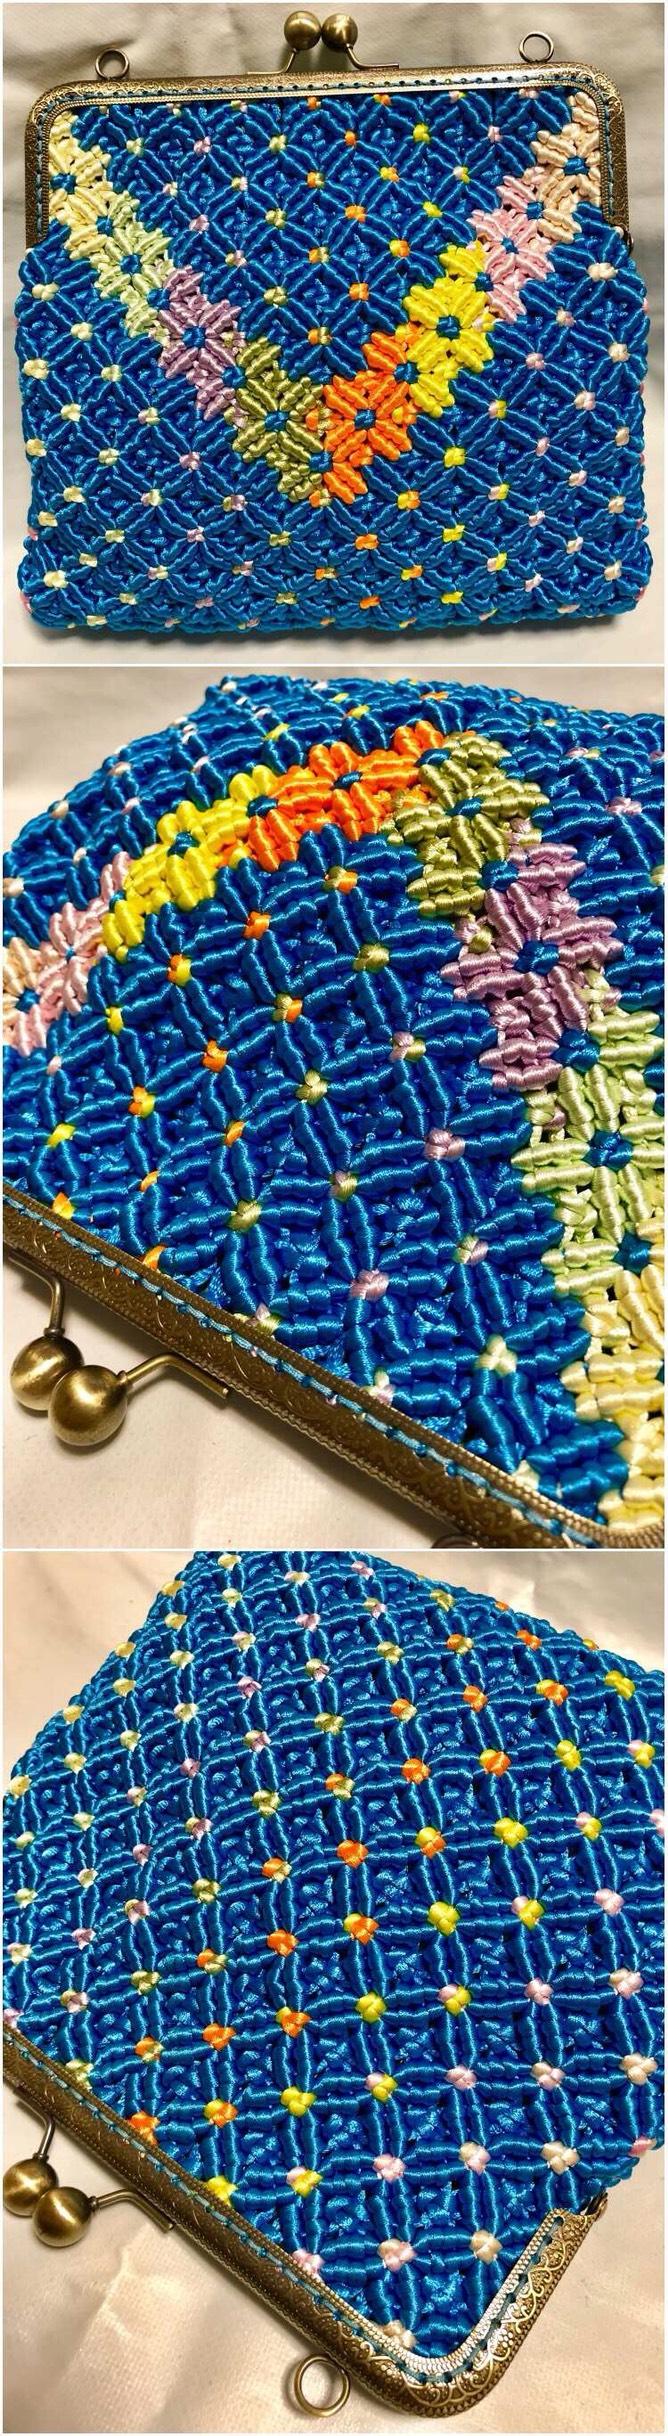 中国结论坛 仿制国外的绳编包包,有几个部分缝制拉链内袋也针线缝合一起哦 仿制,国外,包包,几个,部分 作品展示 063744hgj6vtnngo5skdo2